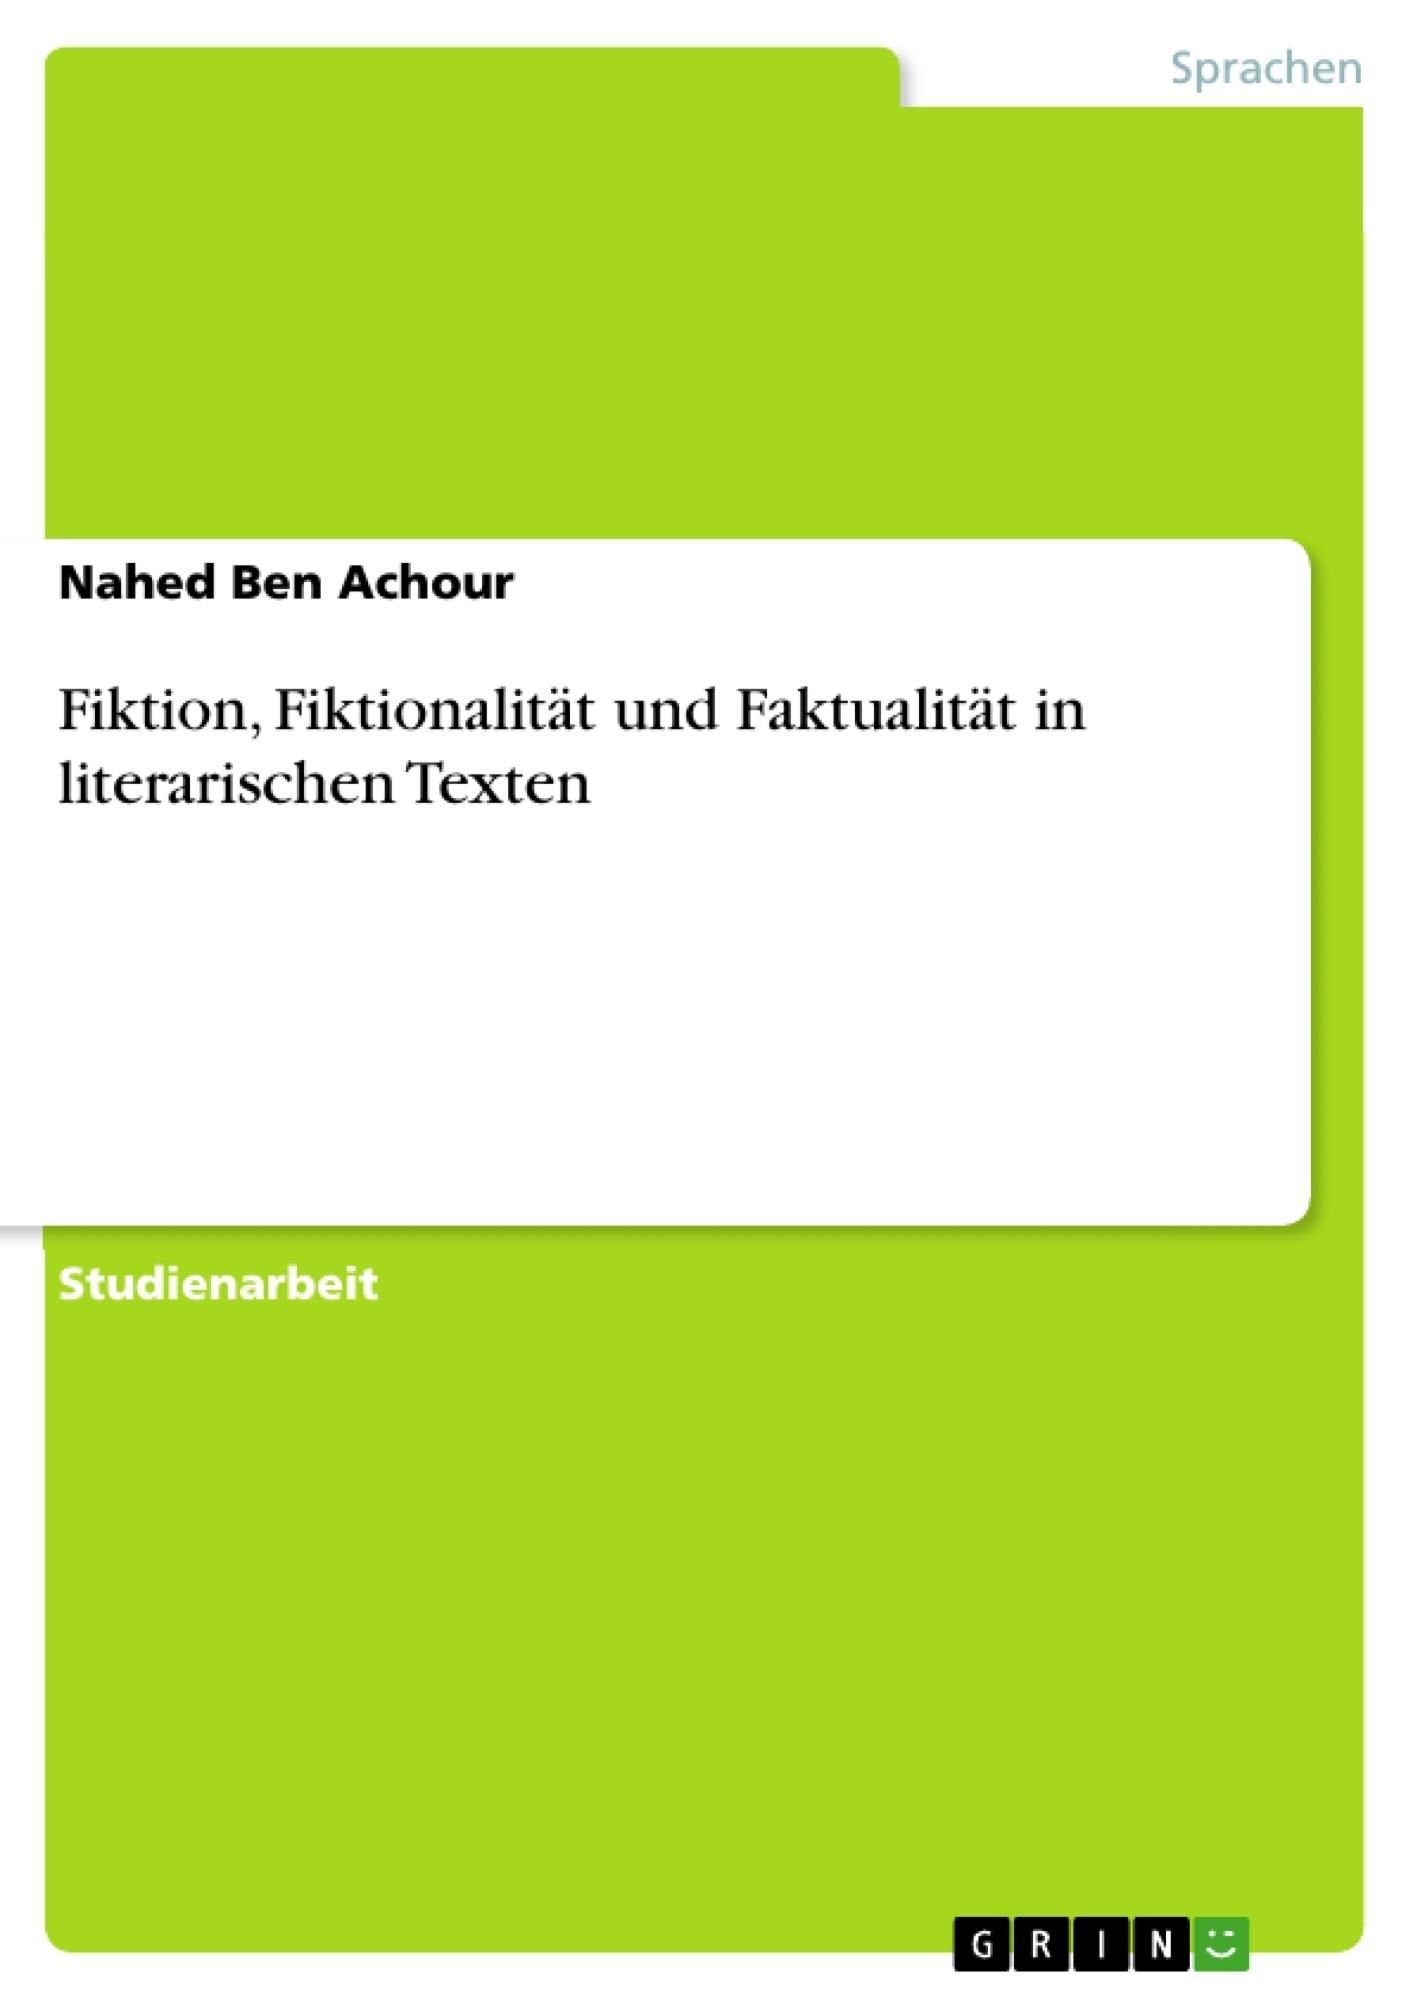 Titel: Fiktion, Fiktionalität und Faktualität in literarischen Texten